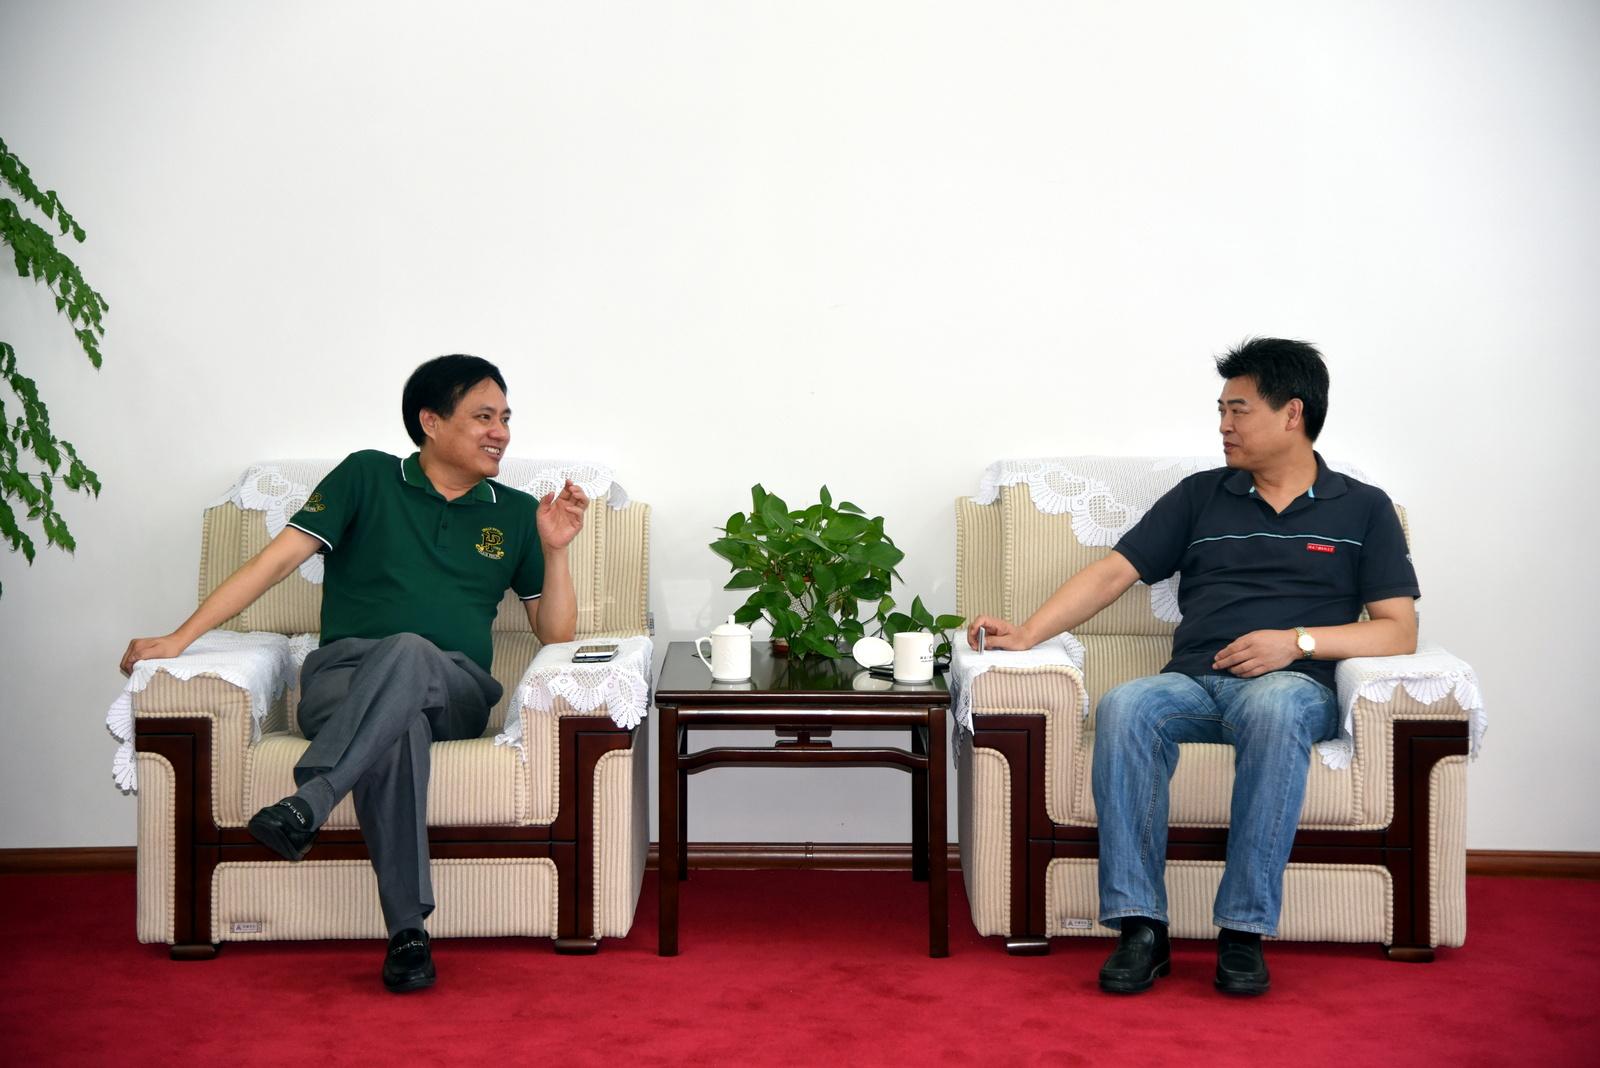 三木集团管理层再生变 董事长总裁双双辞职_... _东方财富网股吧